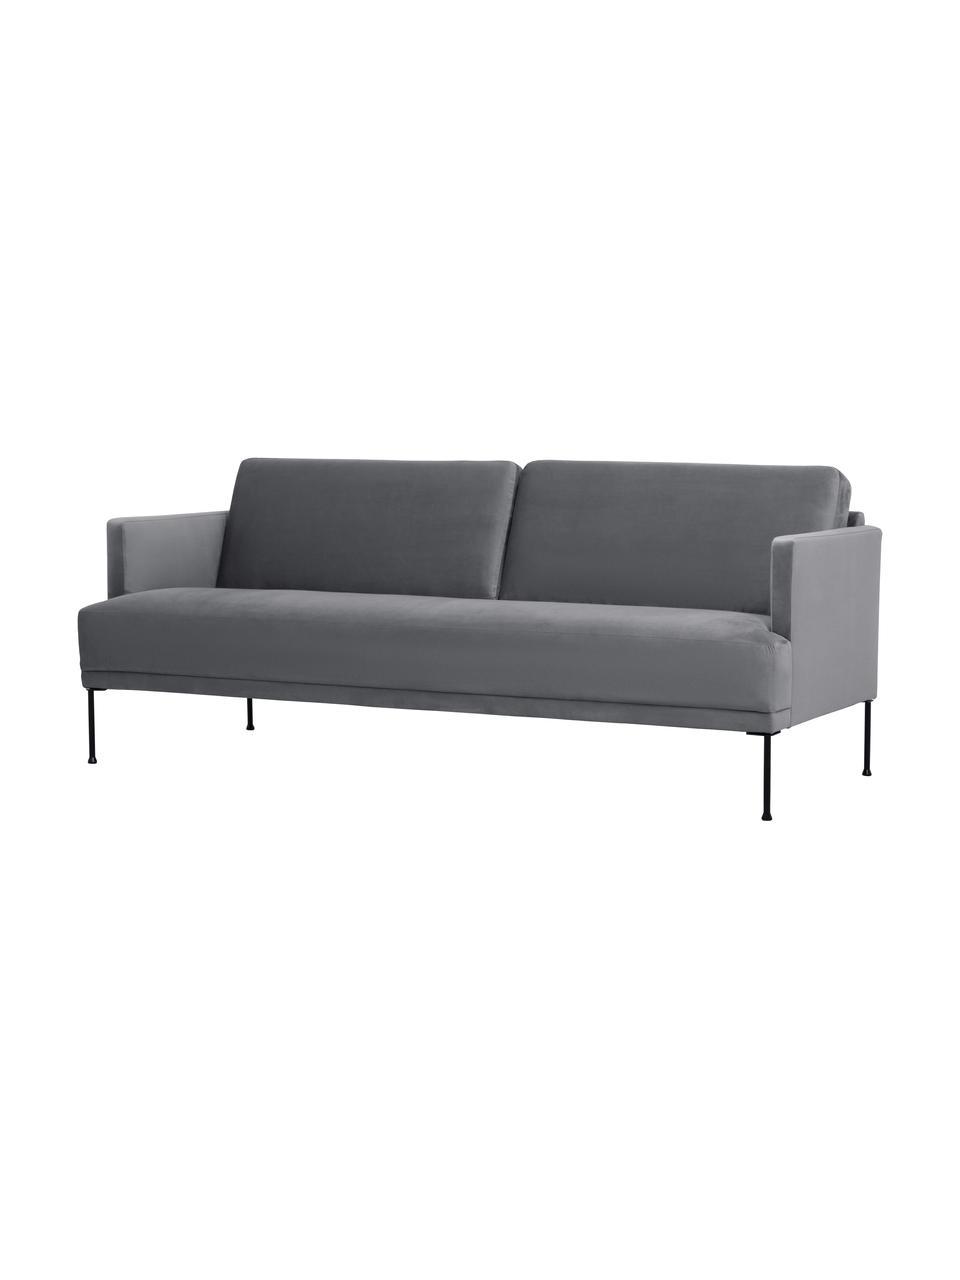 Samt-Sofa Fluente (3-Sitzer) in Dunkelgrau mit Metall-Füßen, Bezug: Samt (Hochwertiger Polyes, Gestell: Massives Kiefernholz, Füße: Metall, pulverbeschichtet, Samt Dunkelgrau, B 196 x T 85 cm